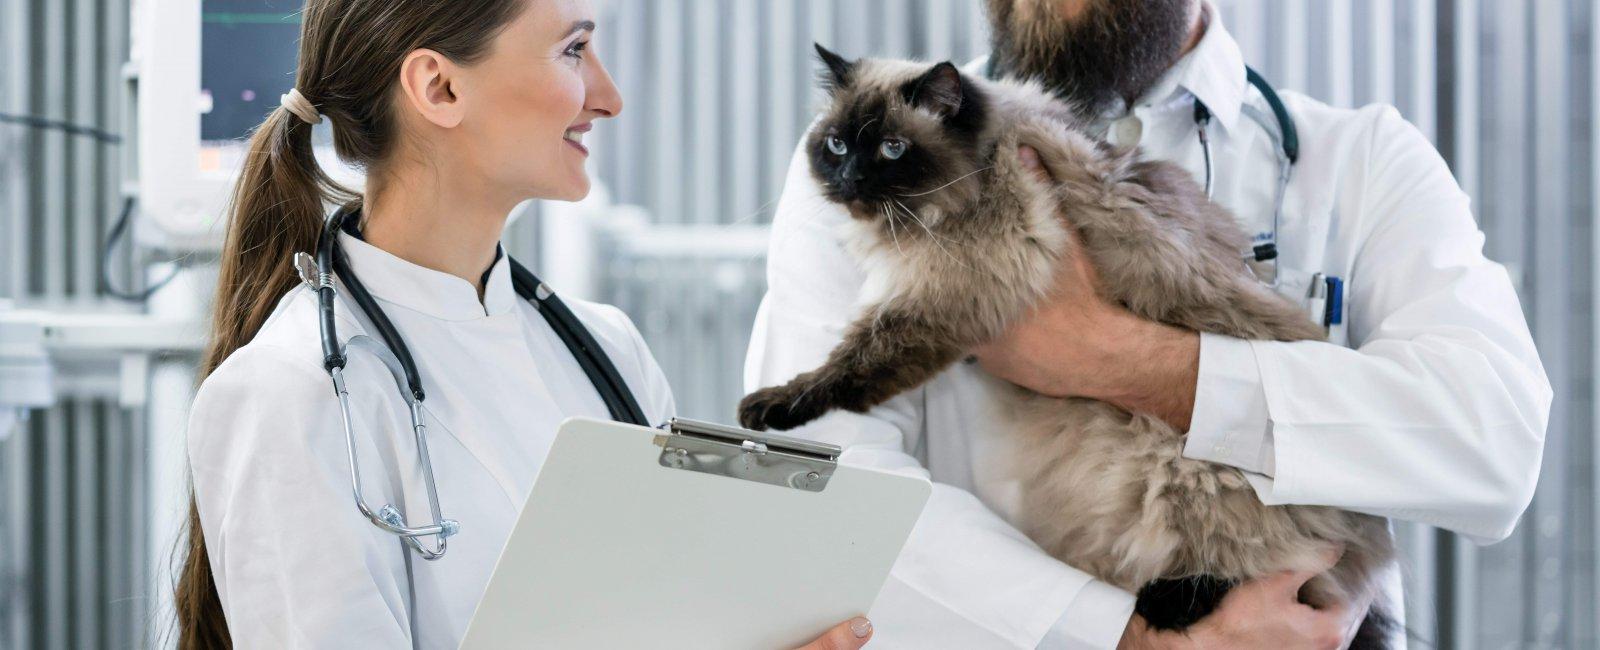 SOS vétérinaire à Bruxelles